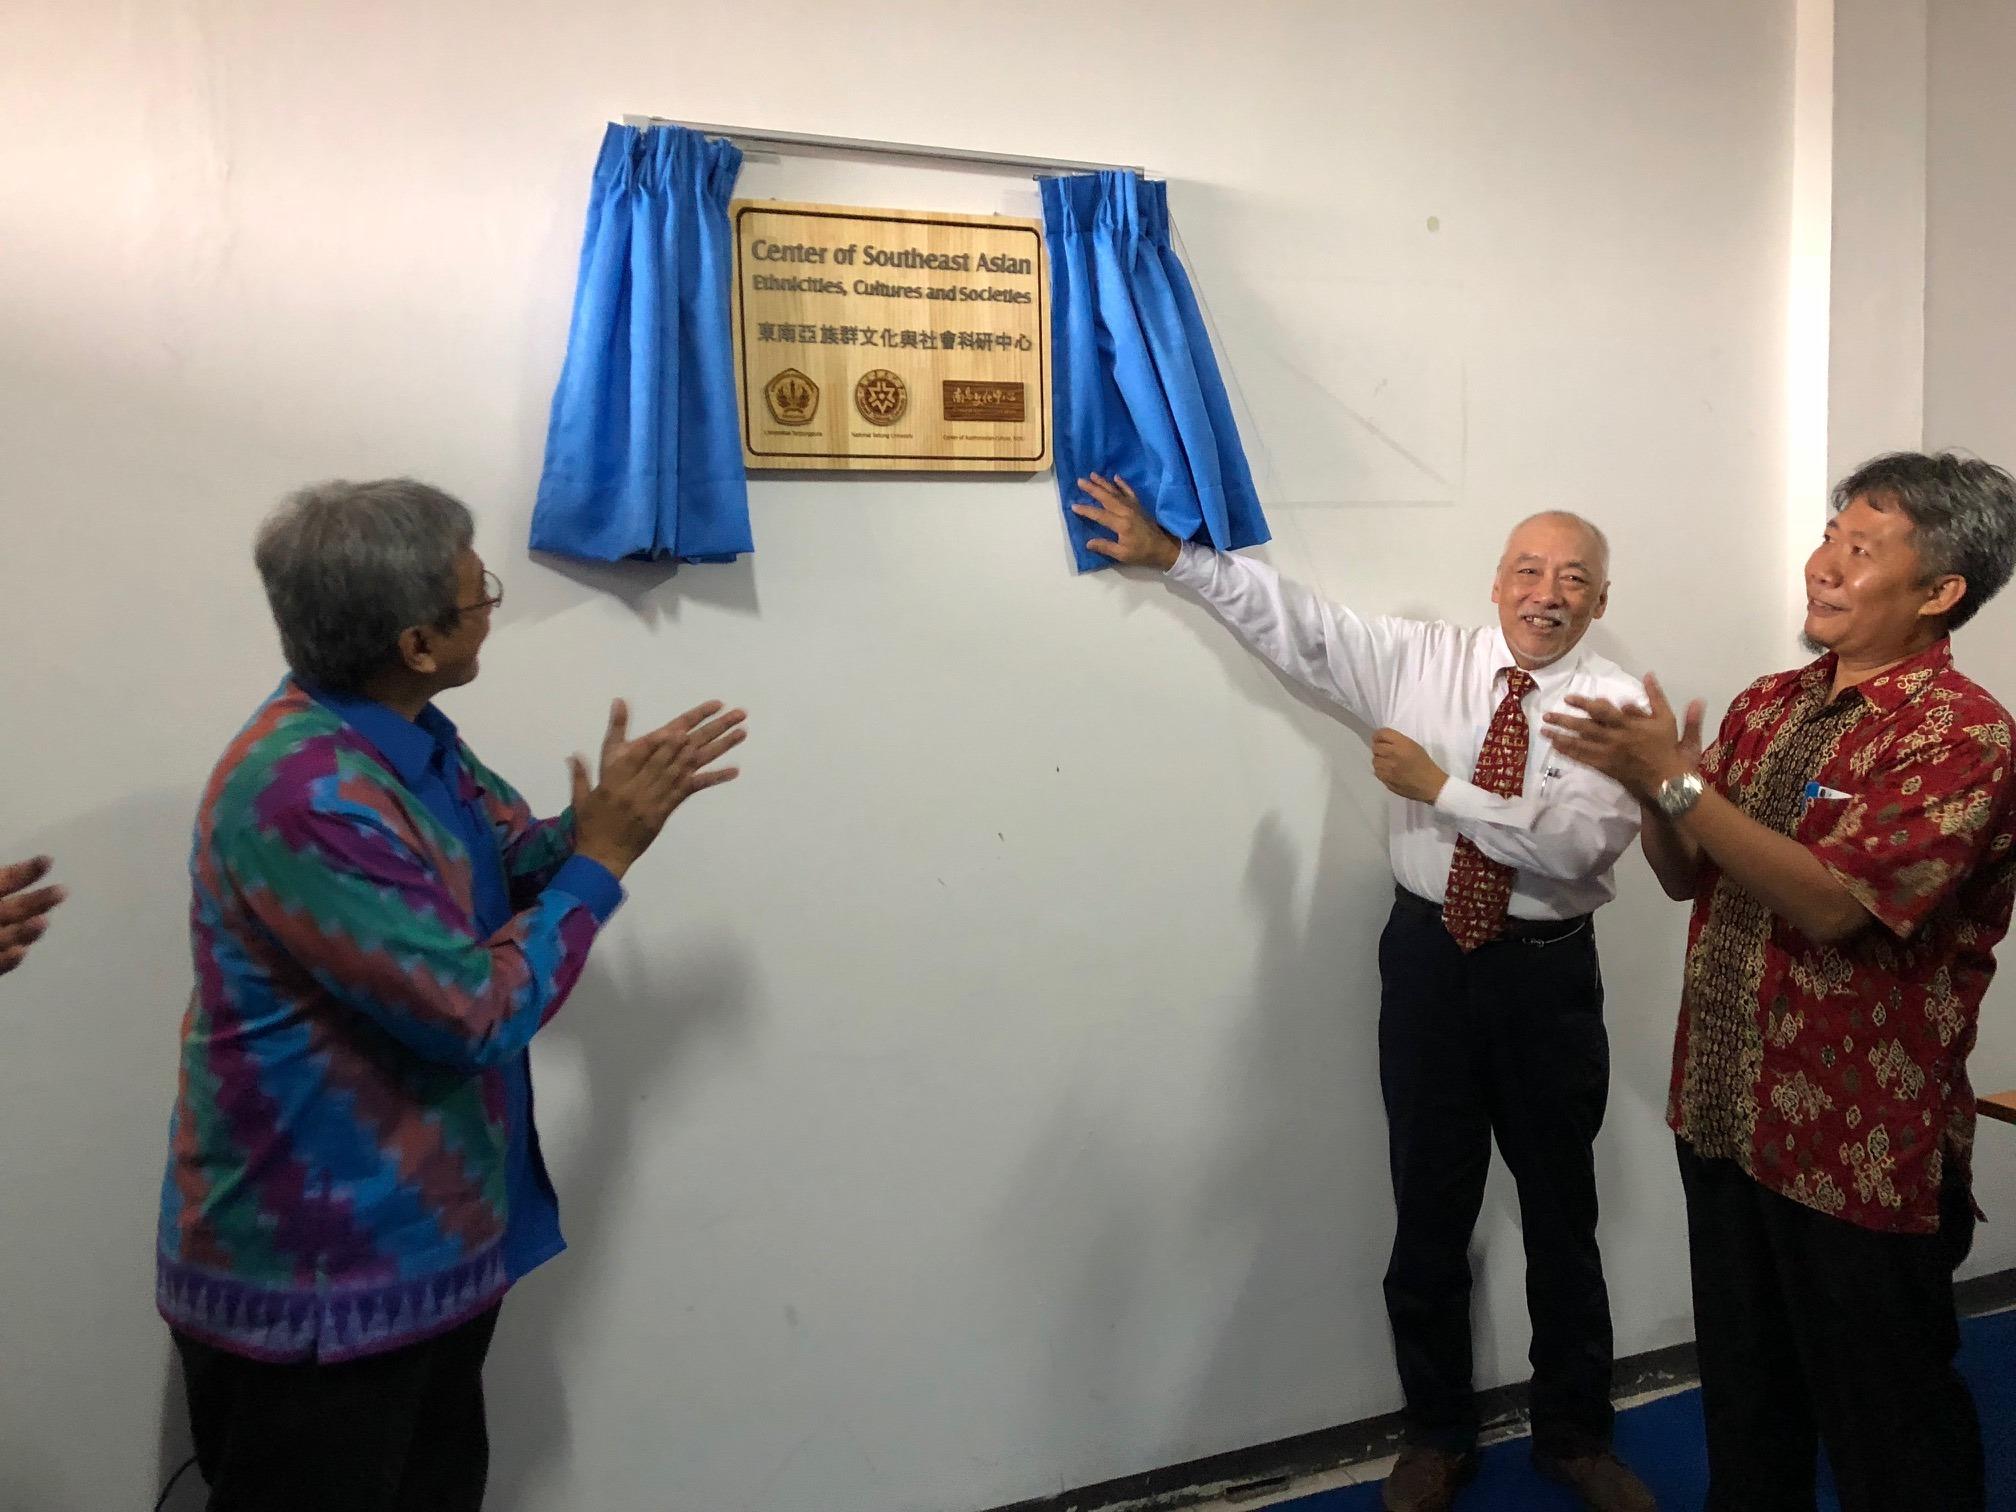 響應新南向 科技部助台東大學設印尼科研中心的標題圖片